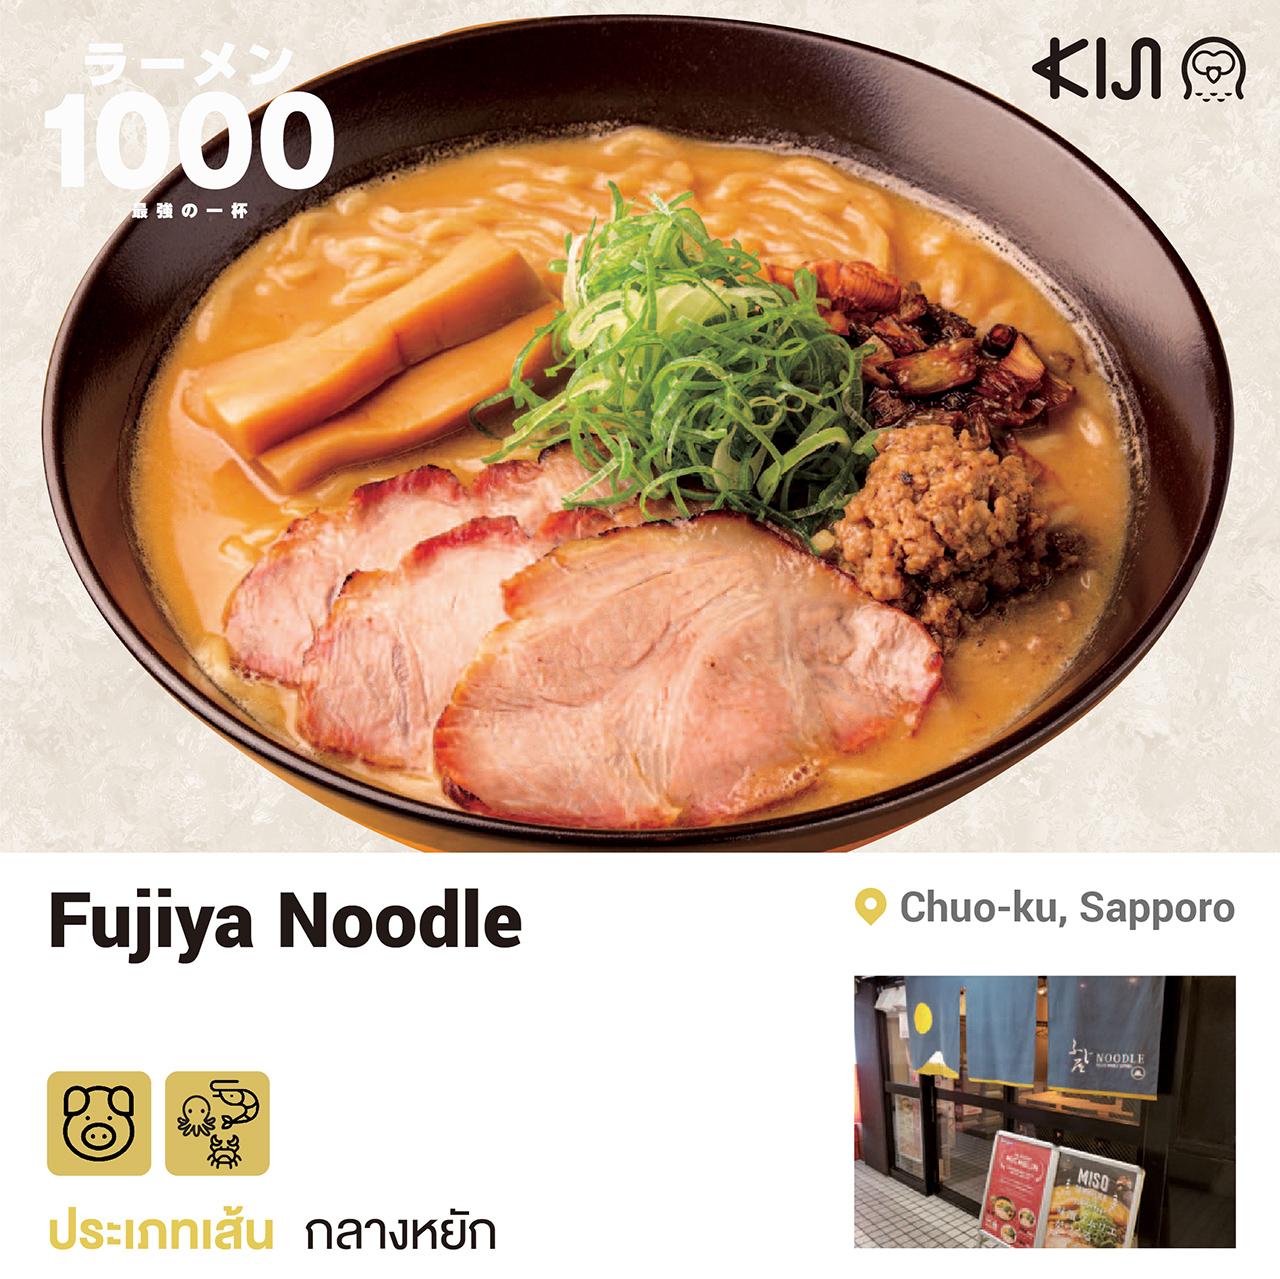 ร้านราเมน เขตชูโอ เมืองซัปโปโร จ.ฮอกไกโด - Fujiya Noodle